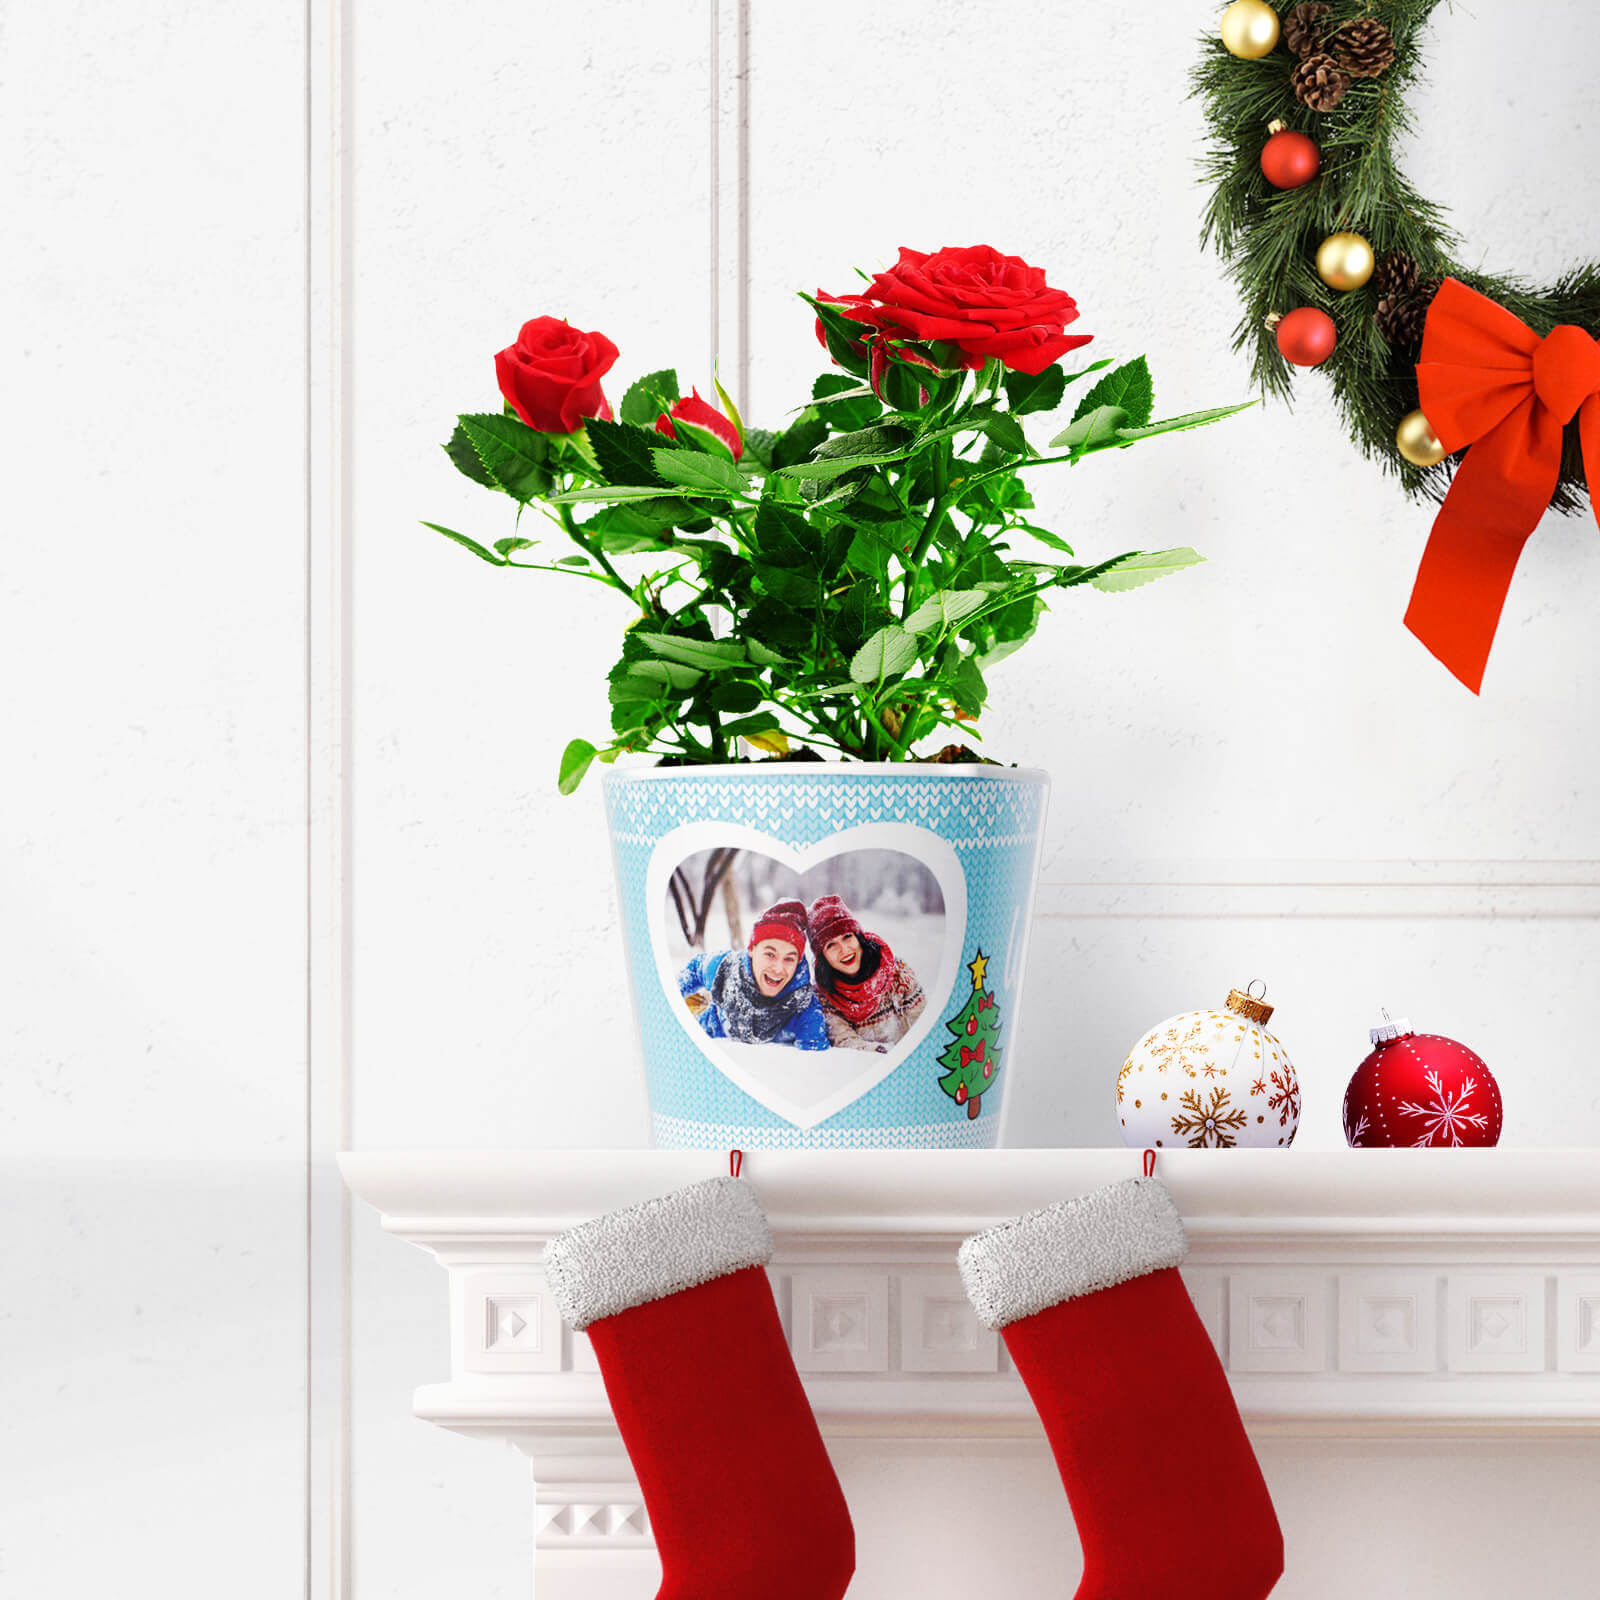 Geschenke fuer Oma und Opa Wir Lieben Euch